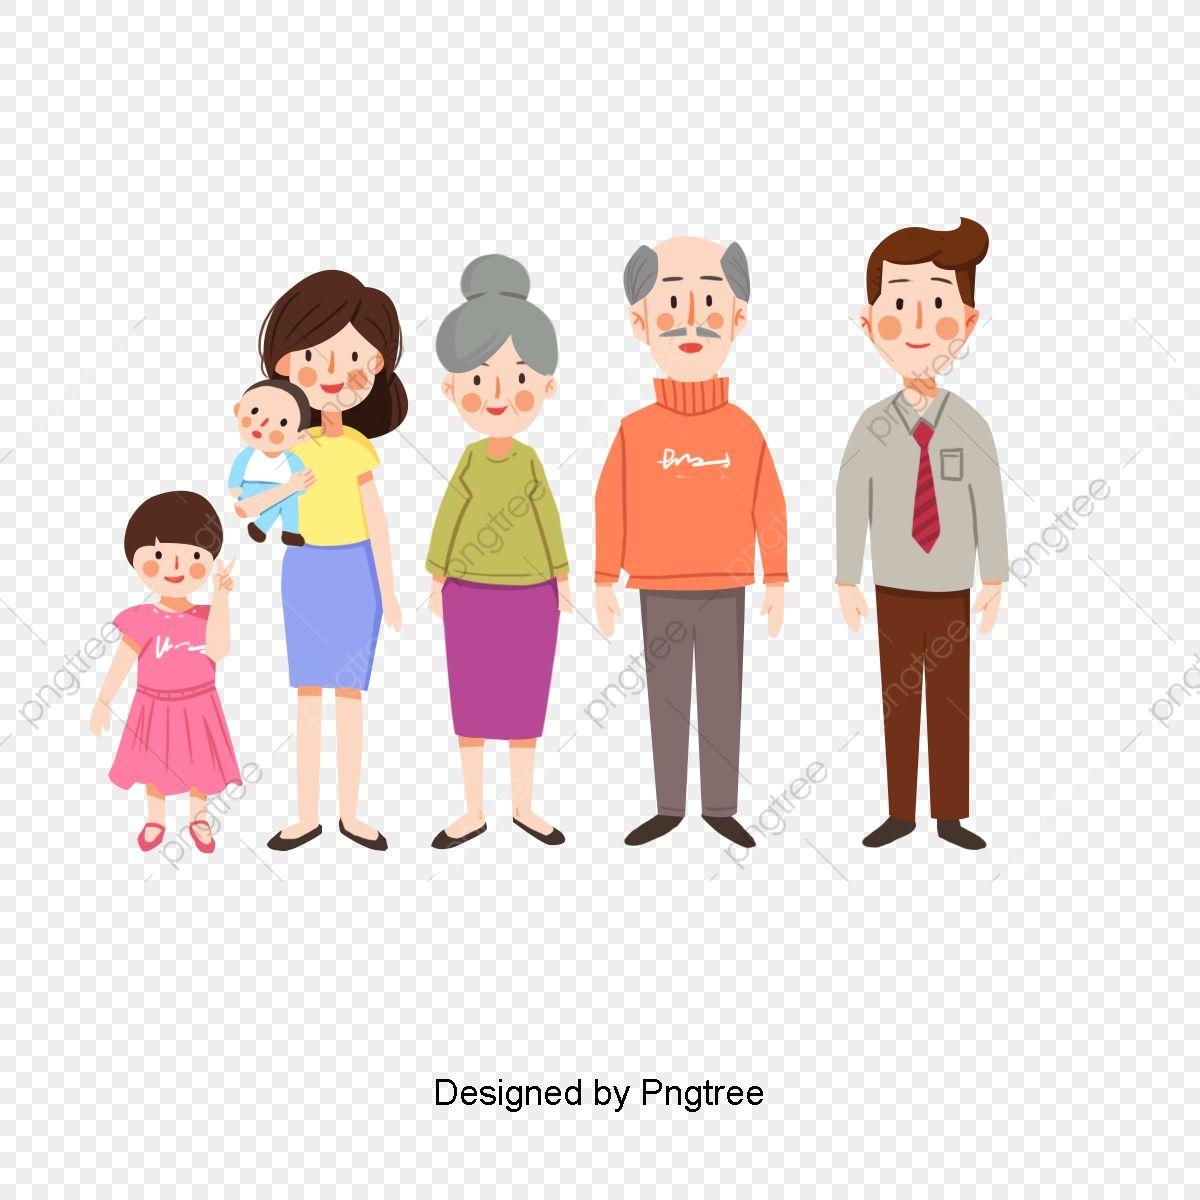 كرتون مرسومة باليد صورة العائلة عائلة الأطفال السعادة Png وملف Psd للتحميل مجانا Lily Maymac Pictures Cartoon